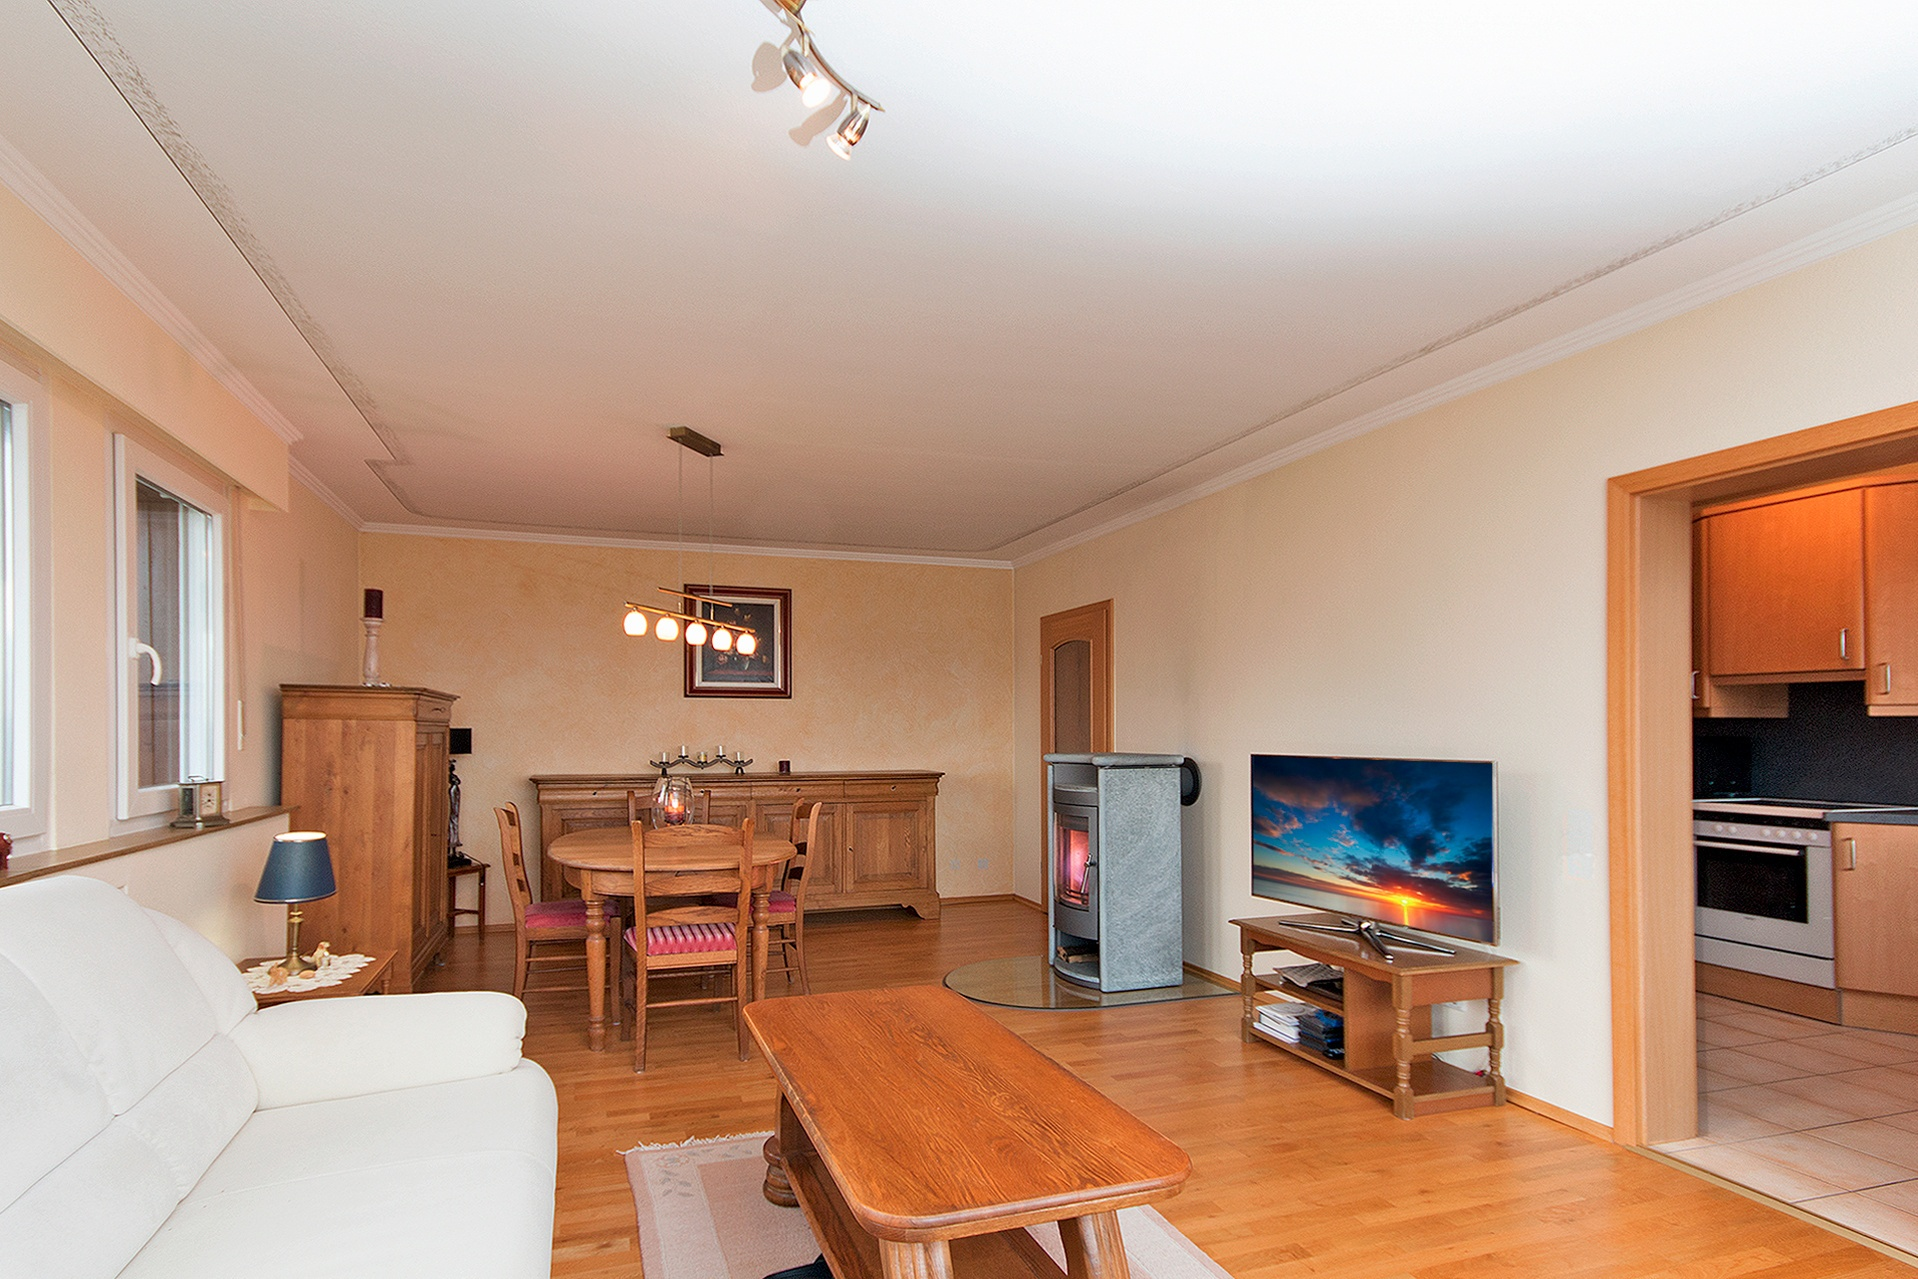 Immobilienmakler Simmerath Einfamilienhaus referenzen mit Immobilienbewertung